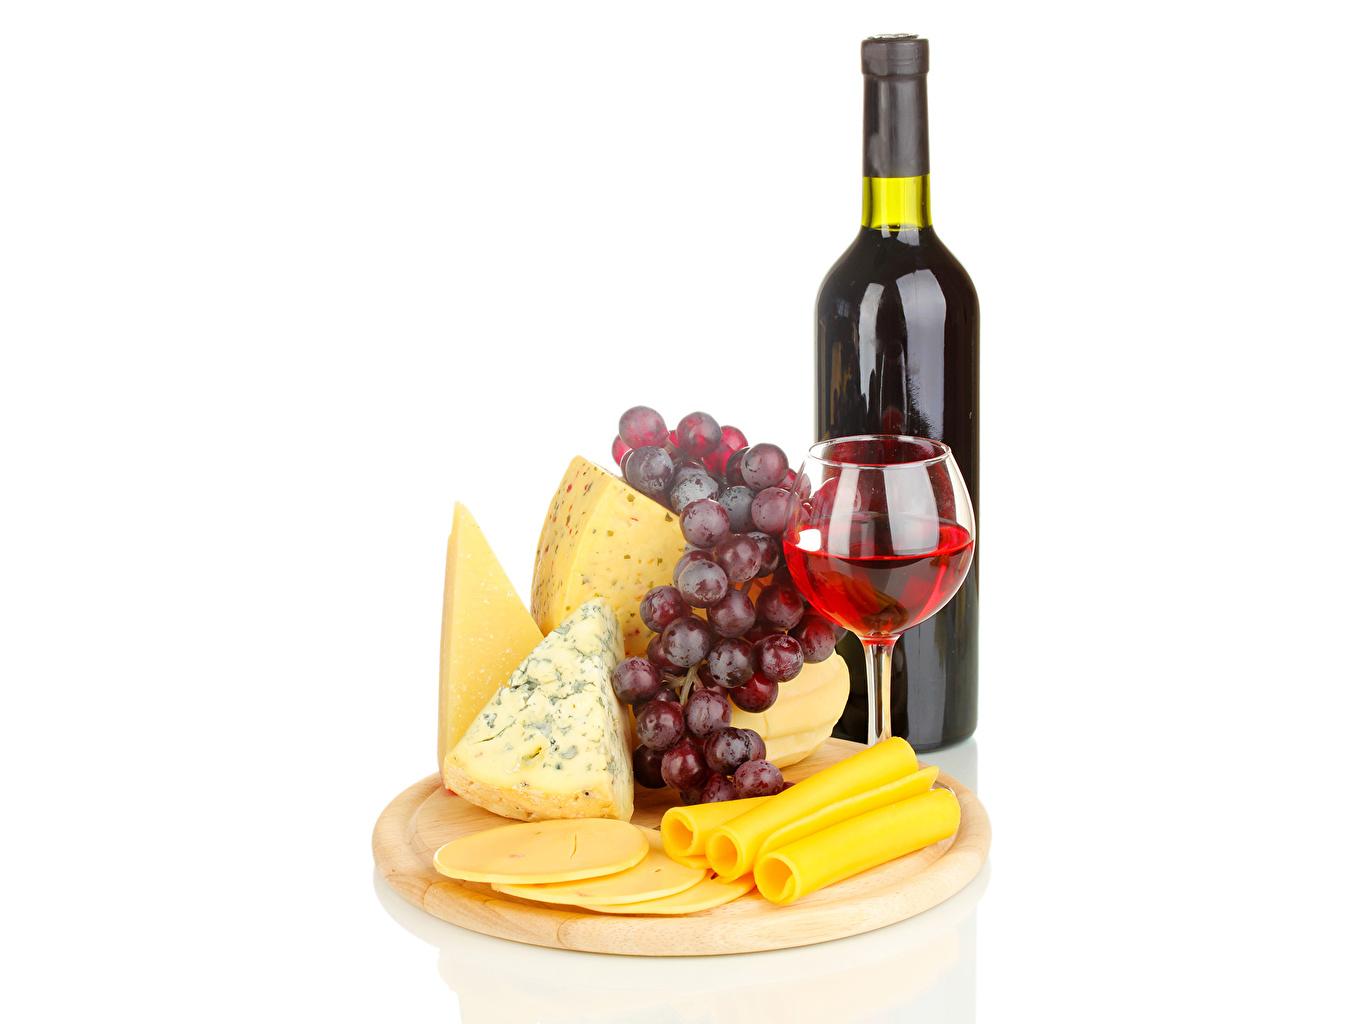 Обои для рабочего стола Вино Сыры Виноград Еда Бокалы бутылки Напитки Пища бокал Бутылка Продукты питания напиток